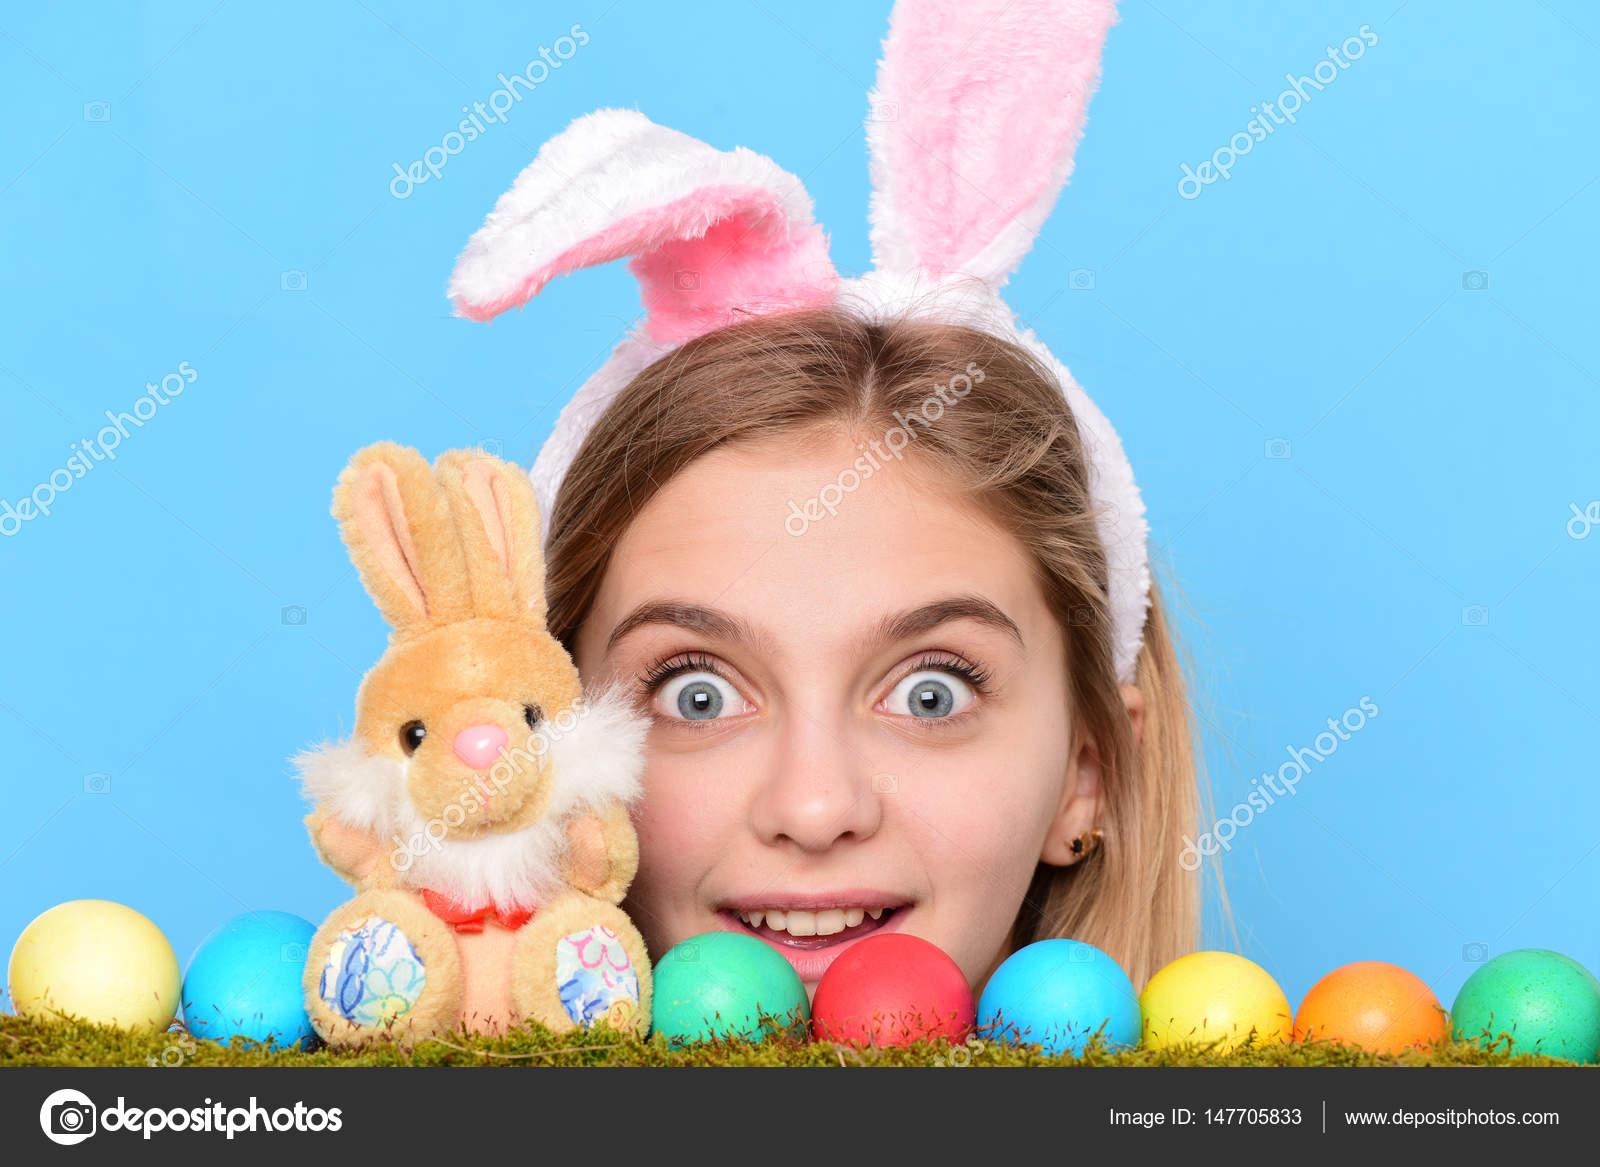 303a5ae23eb Ευτυχισμένος κορίτσι Πάσχα στα αυτιά λαγουδάκι με πολύχρωμα αυγά, κουνέλι — Φωτογραφία  Αρχείου